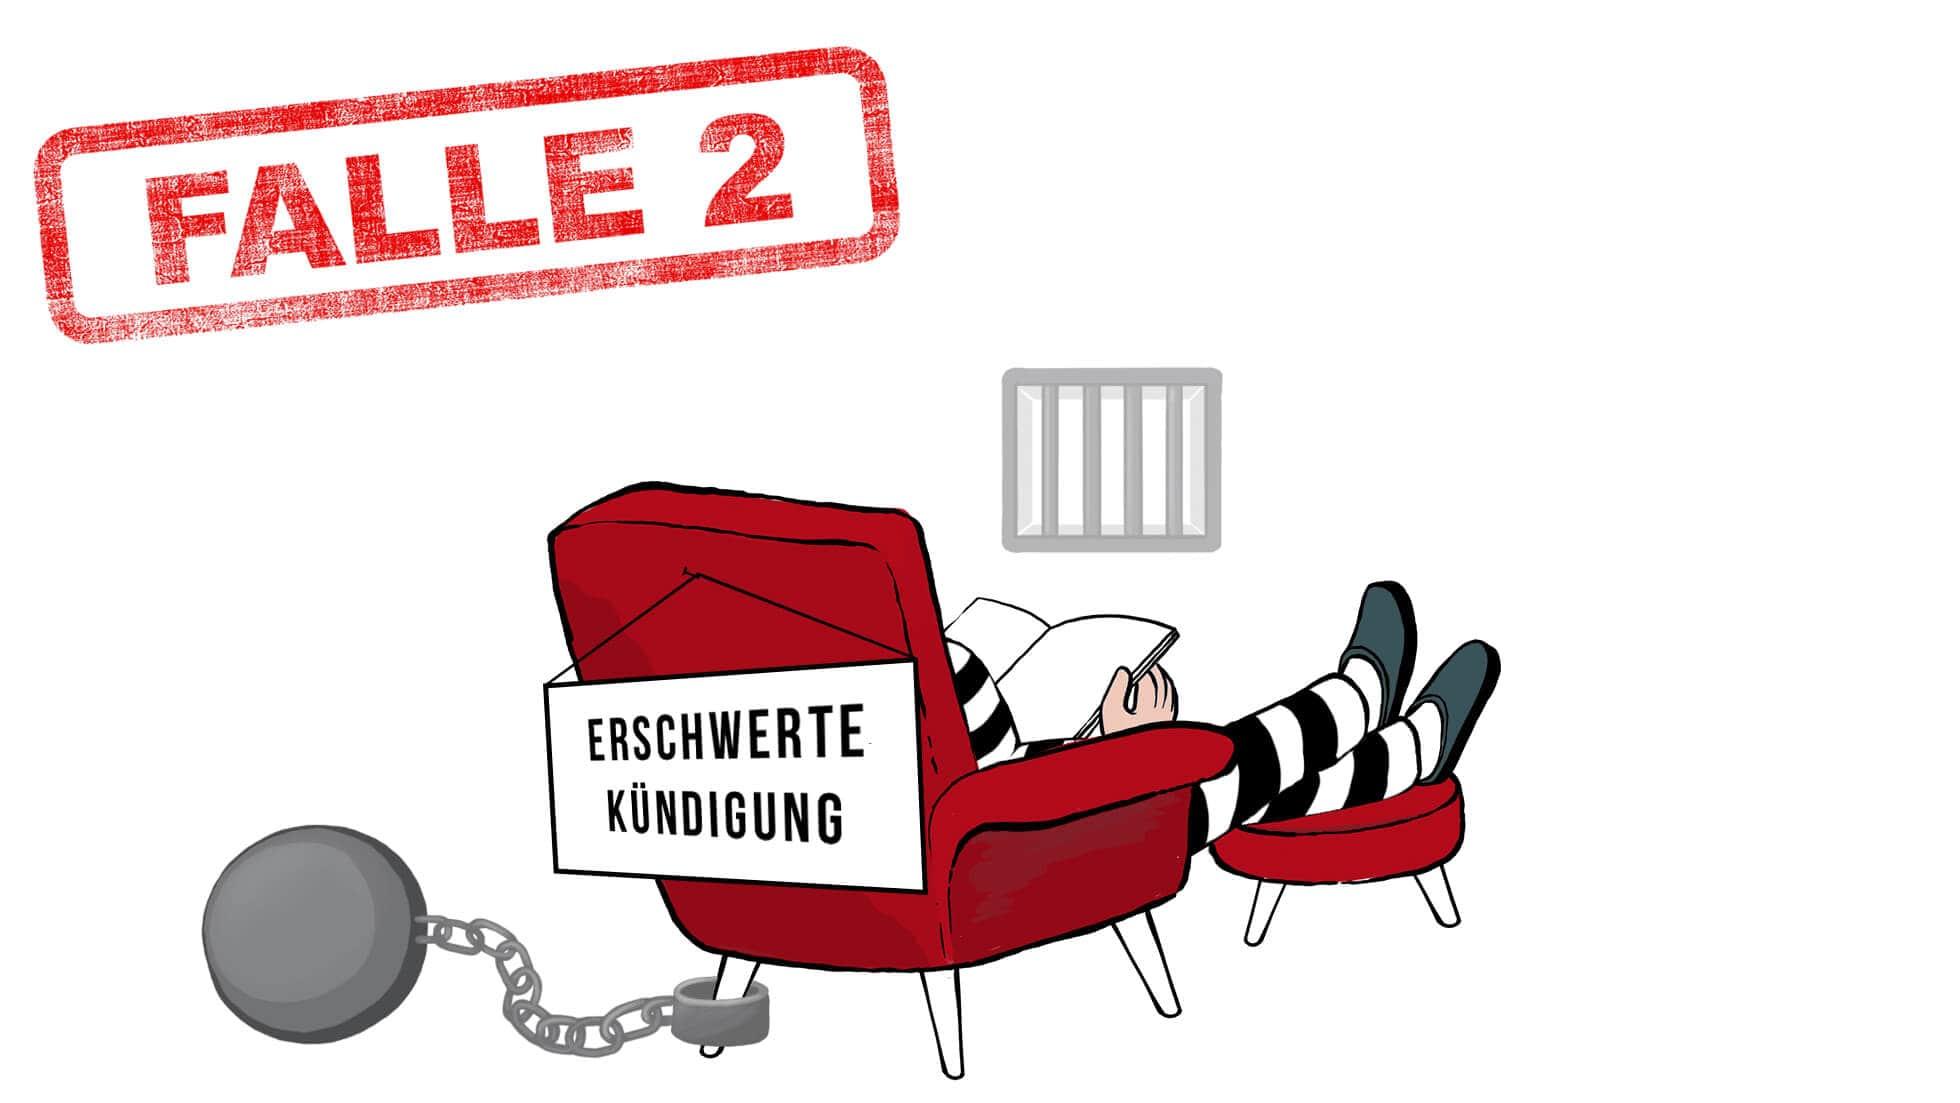 Stromvergleich Falle 2: Der Verbraucher sitzt im roten Sessel mit dem Rücken zum Betrachter und trägt einen gestreiften Häftlingsanzug. Am hinteren linken Bein des roten Sessels ist eine schwere Kugel an einer Kette befestigt. Das Fenster im Hintergrund hat eiserne Stäbe davor. Auf dem Rücken des roten Sessels hängt ein Schild (Erschwerte Kündigung).